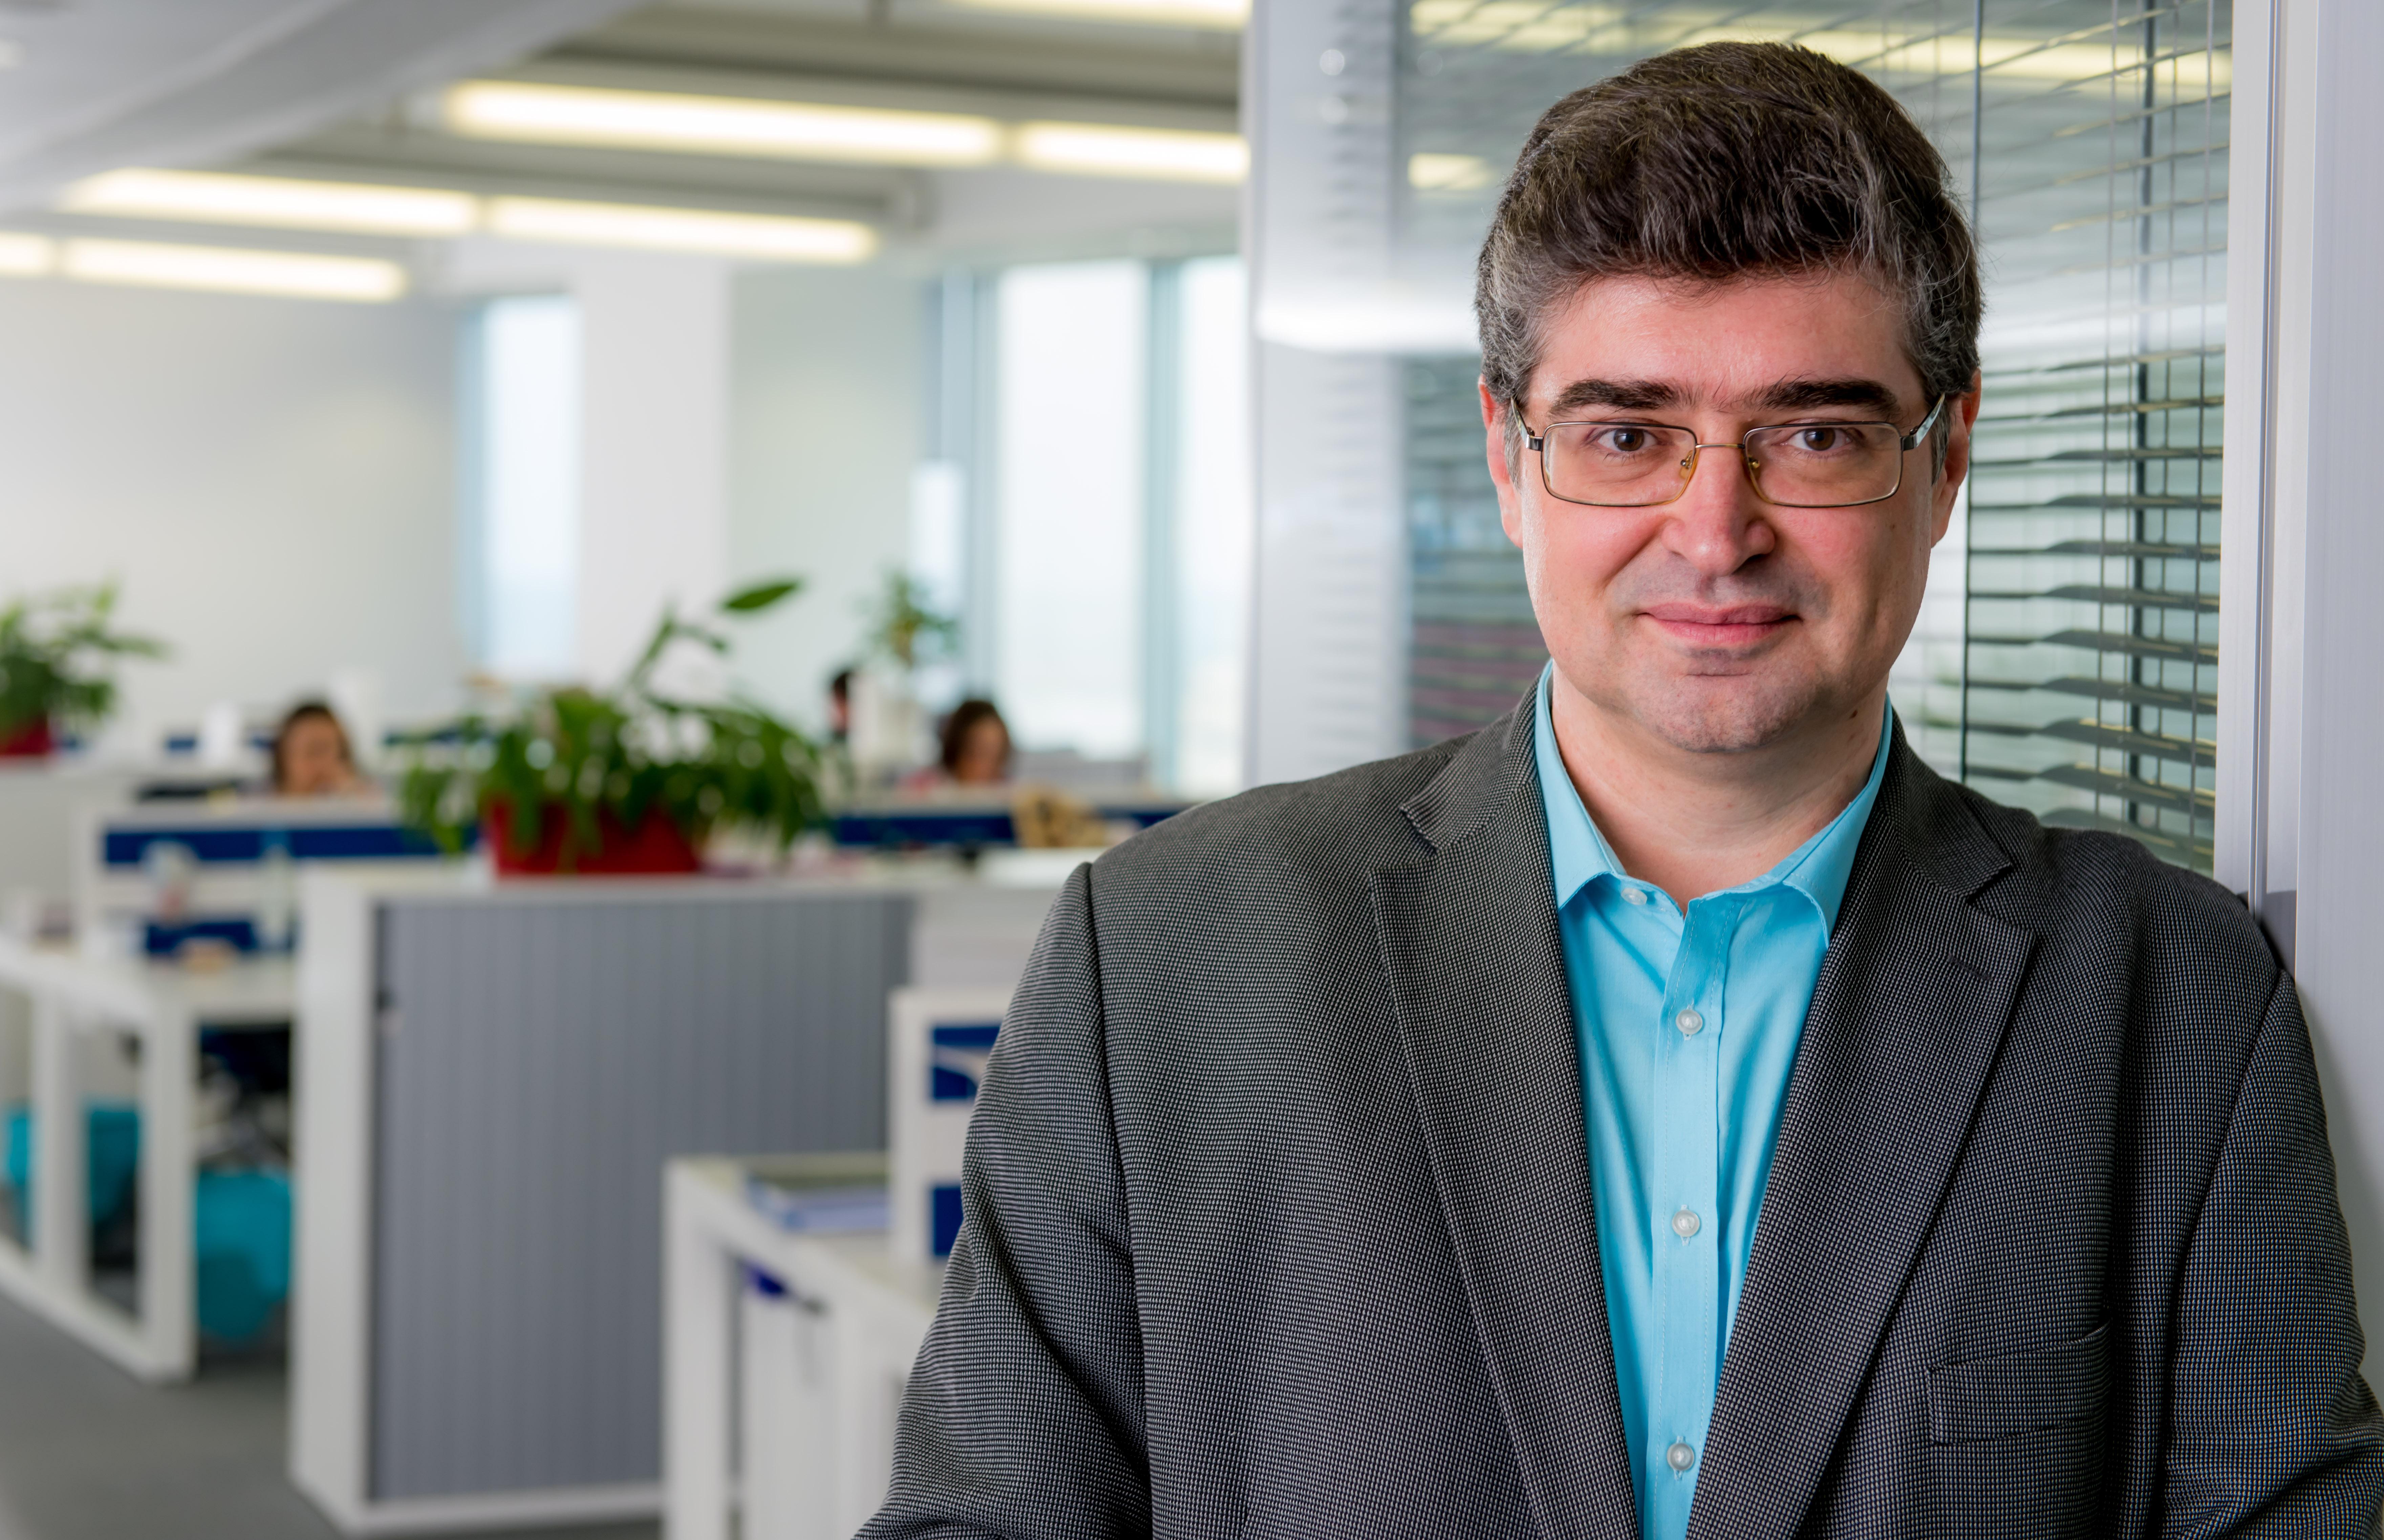 Amadeus: Soluțiile IT de ultimă generație și externalizarea aduc beneficii tangibile